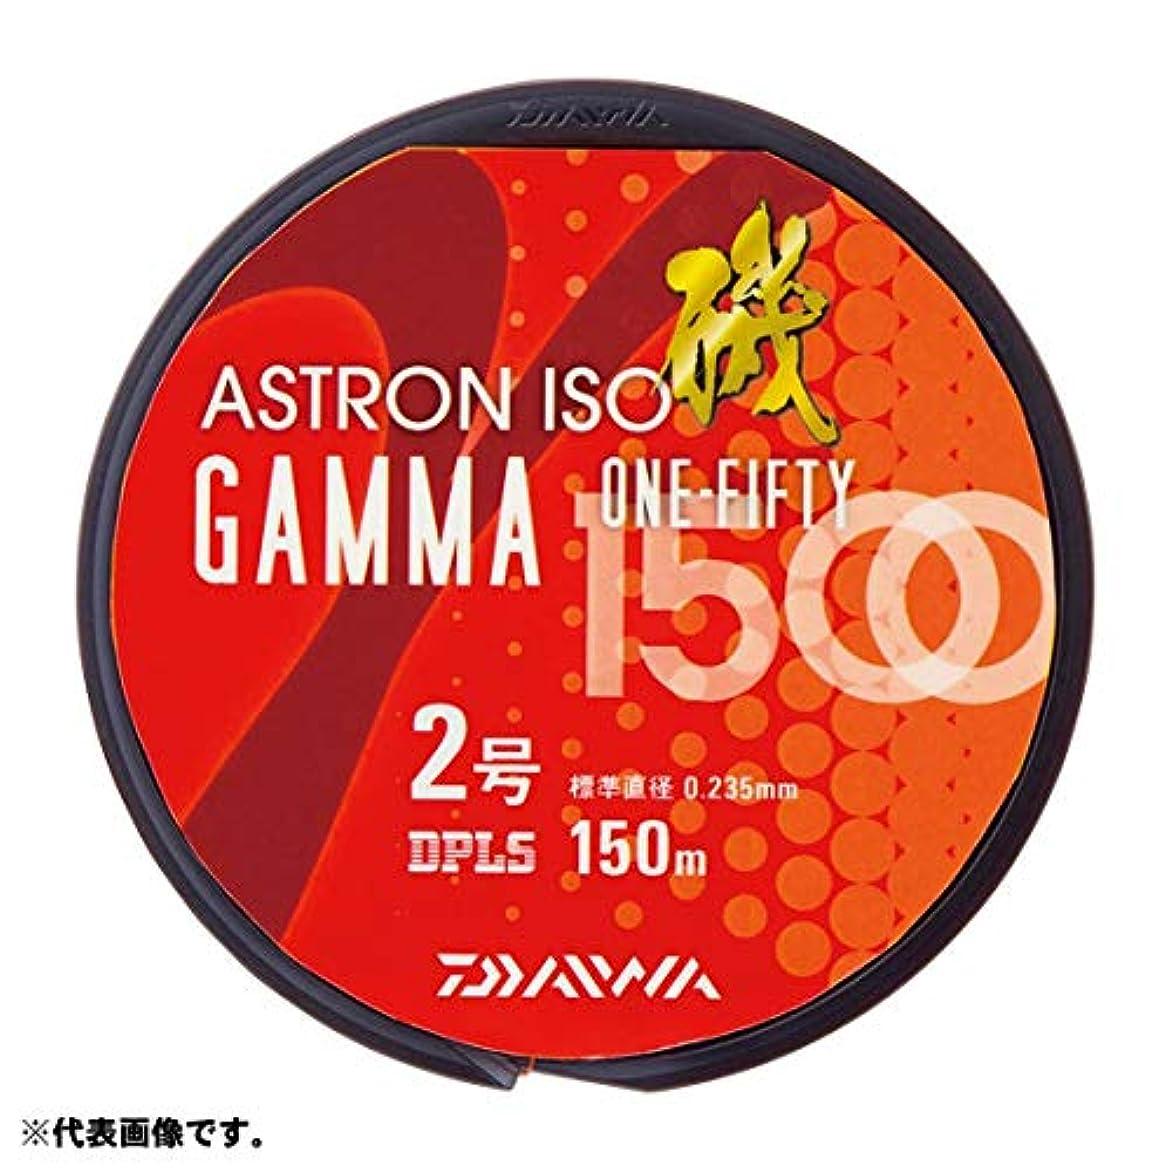 履歴書農夫大聖堂ダイワ(Daiwa) ナイロンライン アストロン磯ガンマ 1500 200m 4号 オレンジ